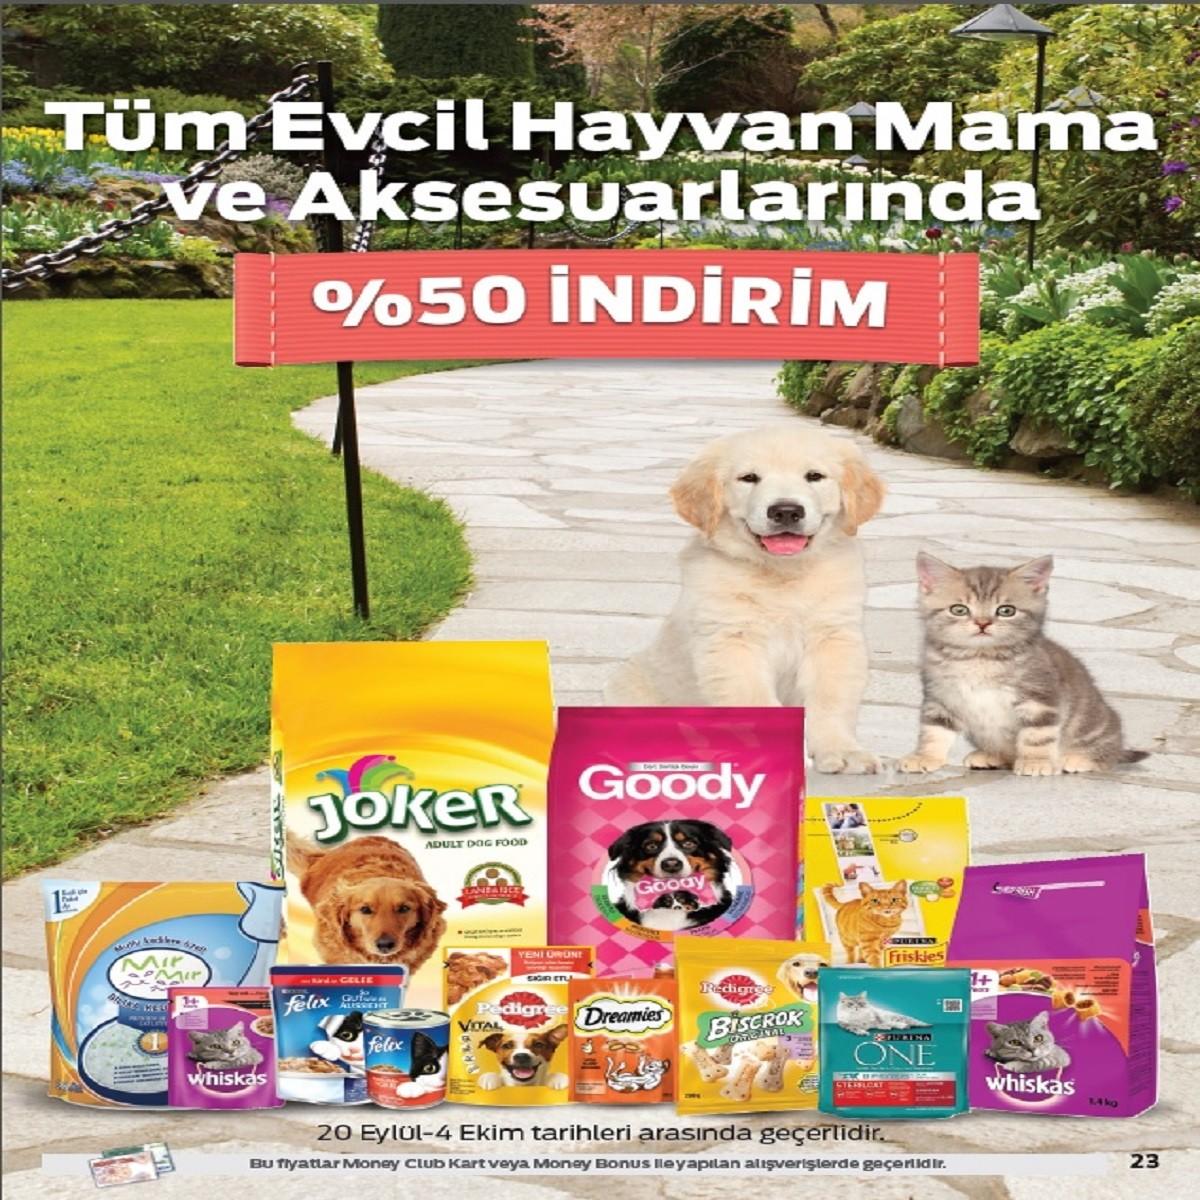 20 Eylül - 4 Ekim tarihleri arasında minik dostlarımıza #AntalyaMigros AVM Migros Hipermarket'ten harika bir indirim var! <3